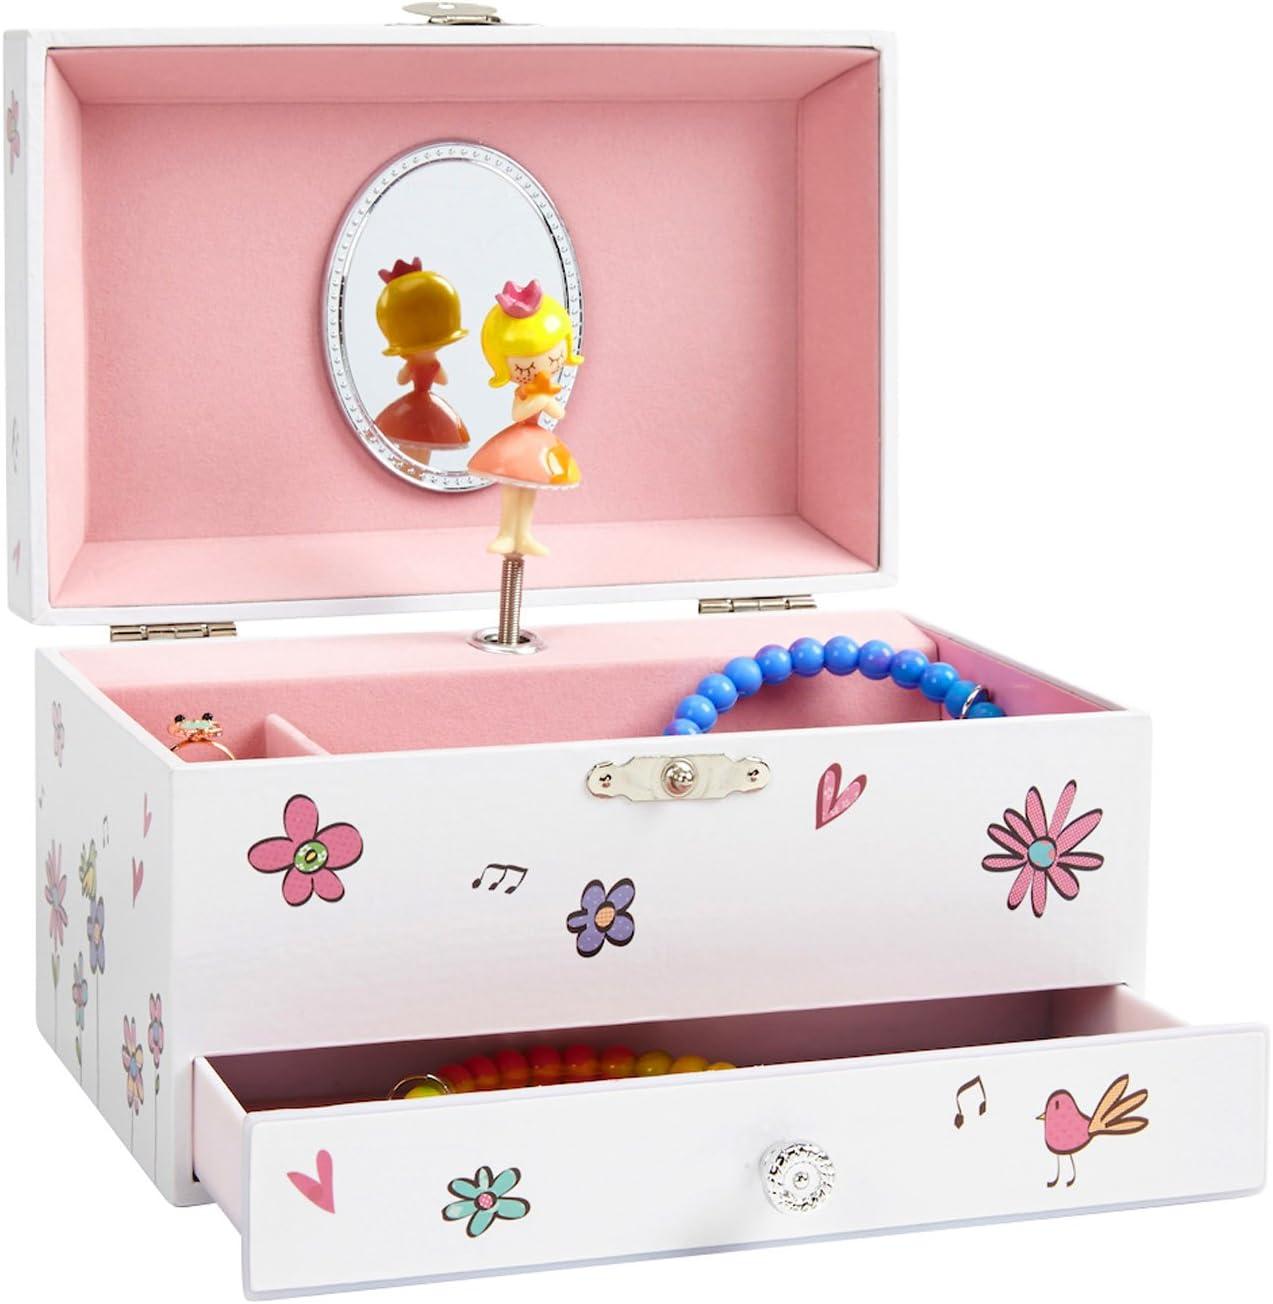 Jewelkeeper - Caja Musical para Joyas Blanca para Niñas, Decorada de Flores y Pájaros, con Cajón Extraíble - Melodía del Vals de Las Flores